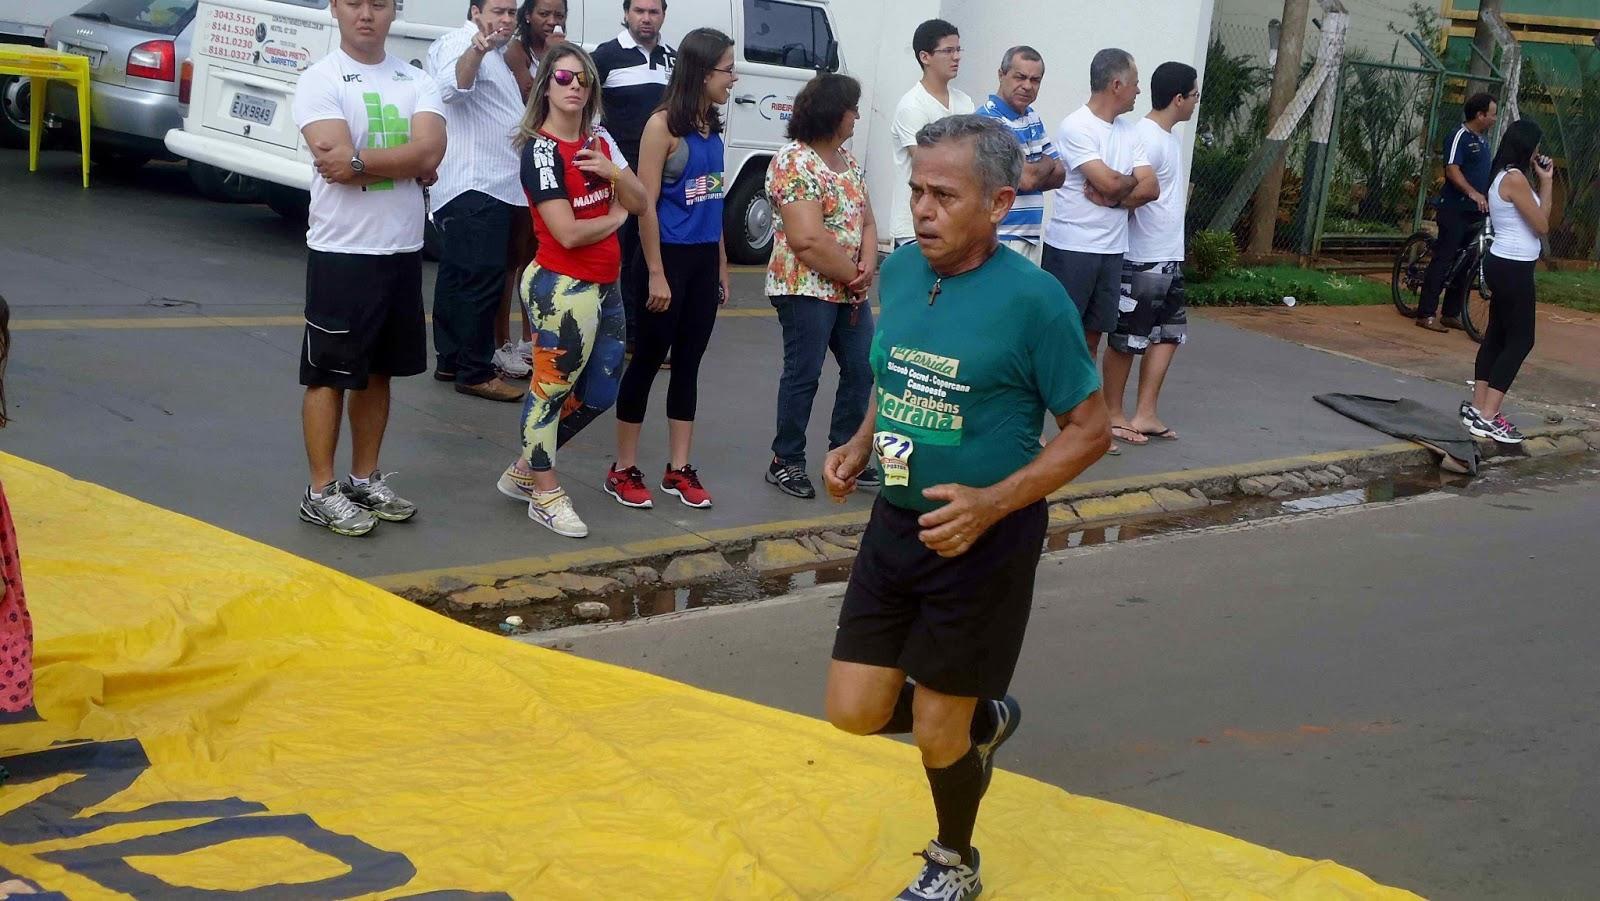 Foto 145 da 1ª Corrida Av. dos Coqueiros em Barretos-SP 14/04/2013 – Atletas cruzando a linha de chegada